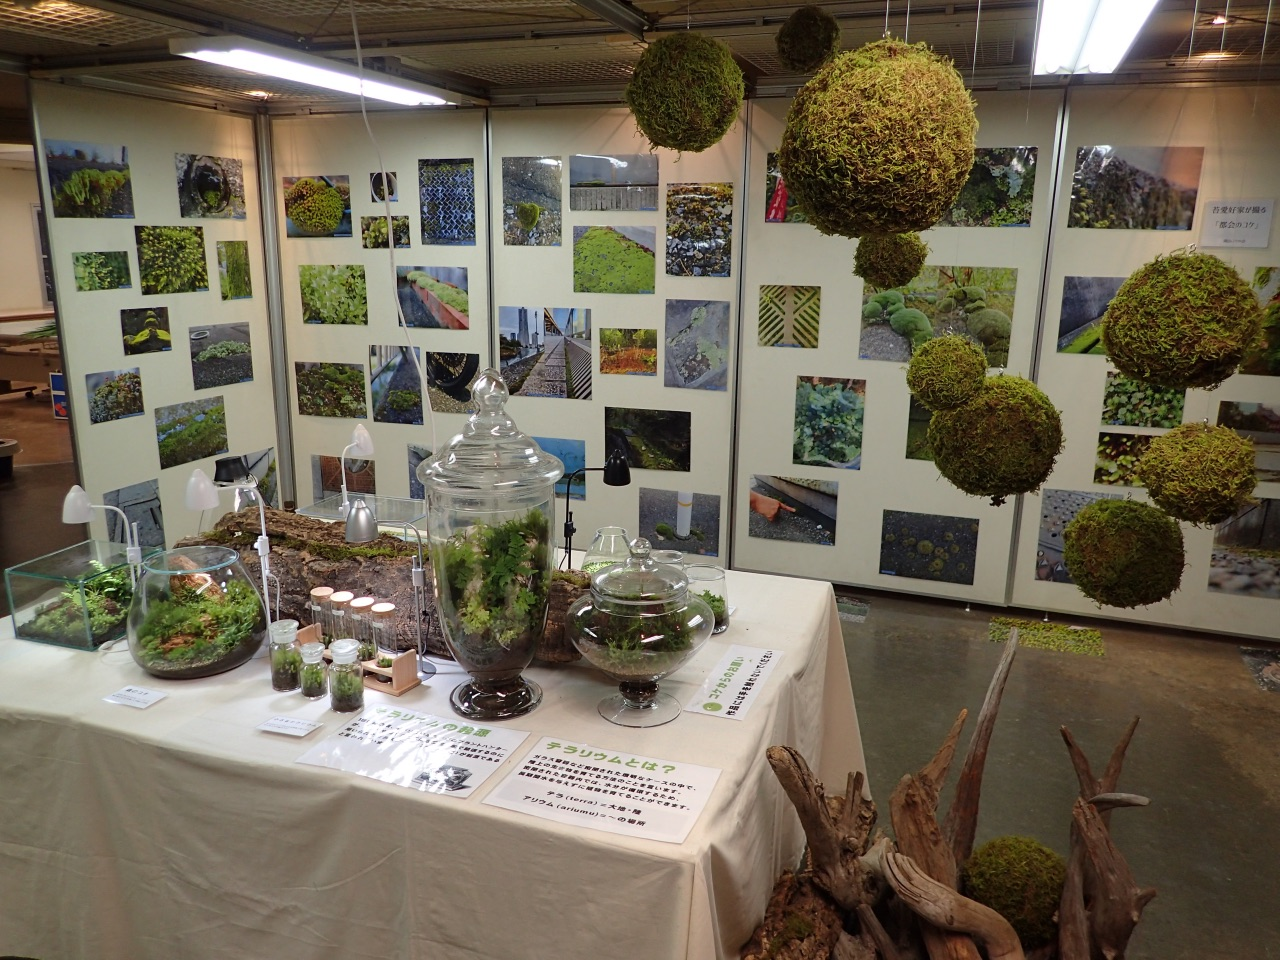 渋谷区ふれあい植物センター「あなたの傍にそっと苔」